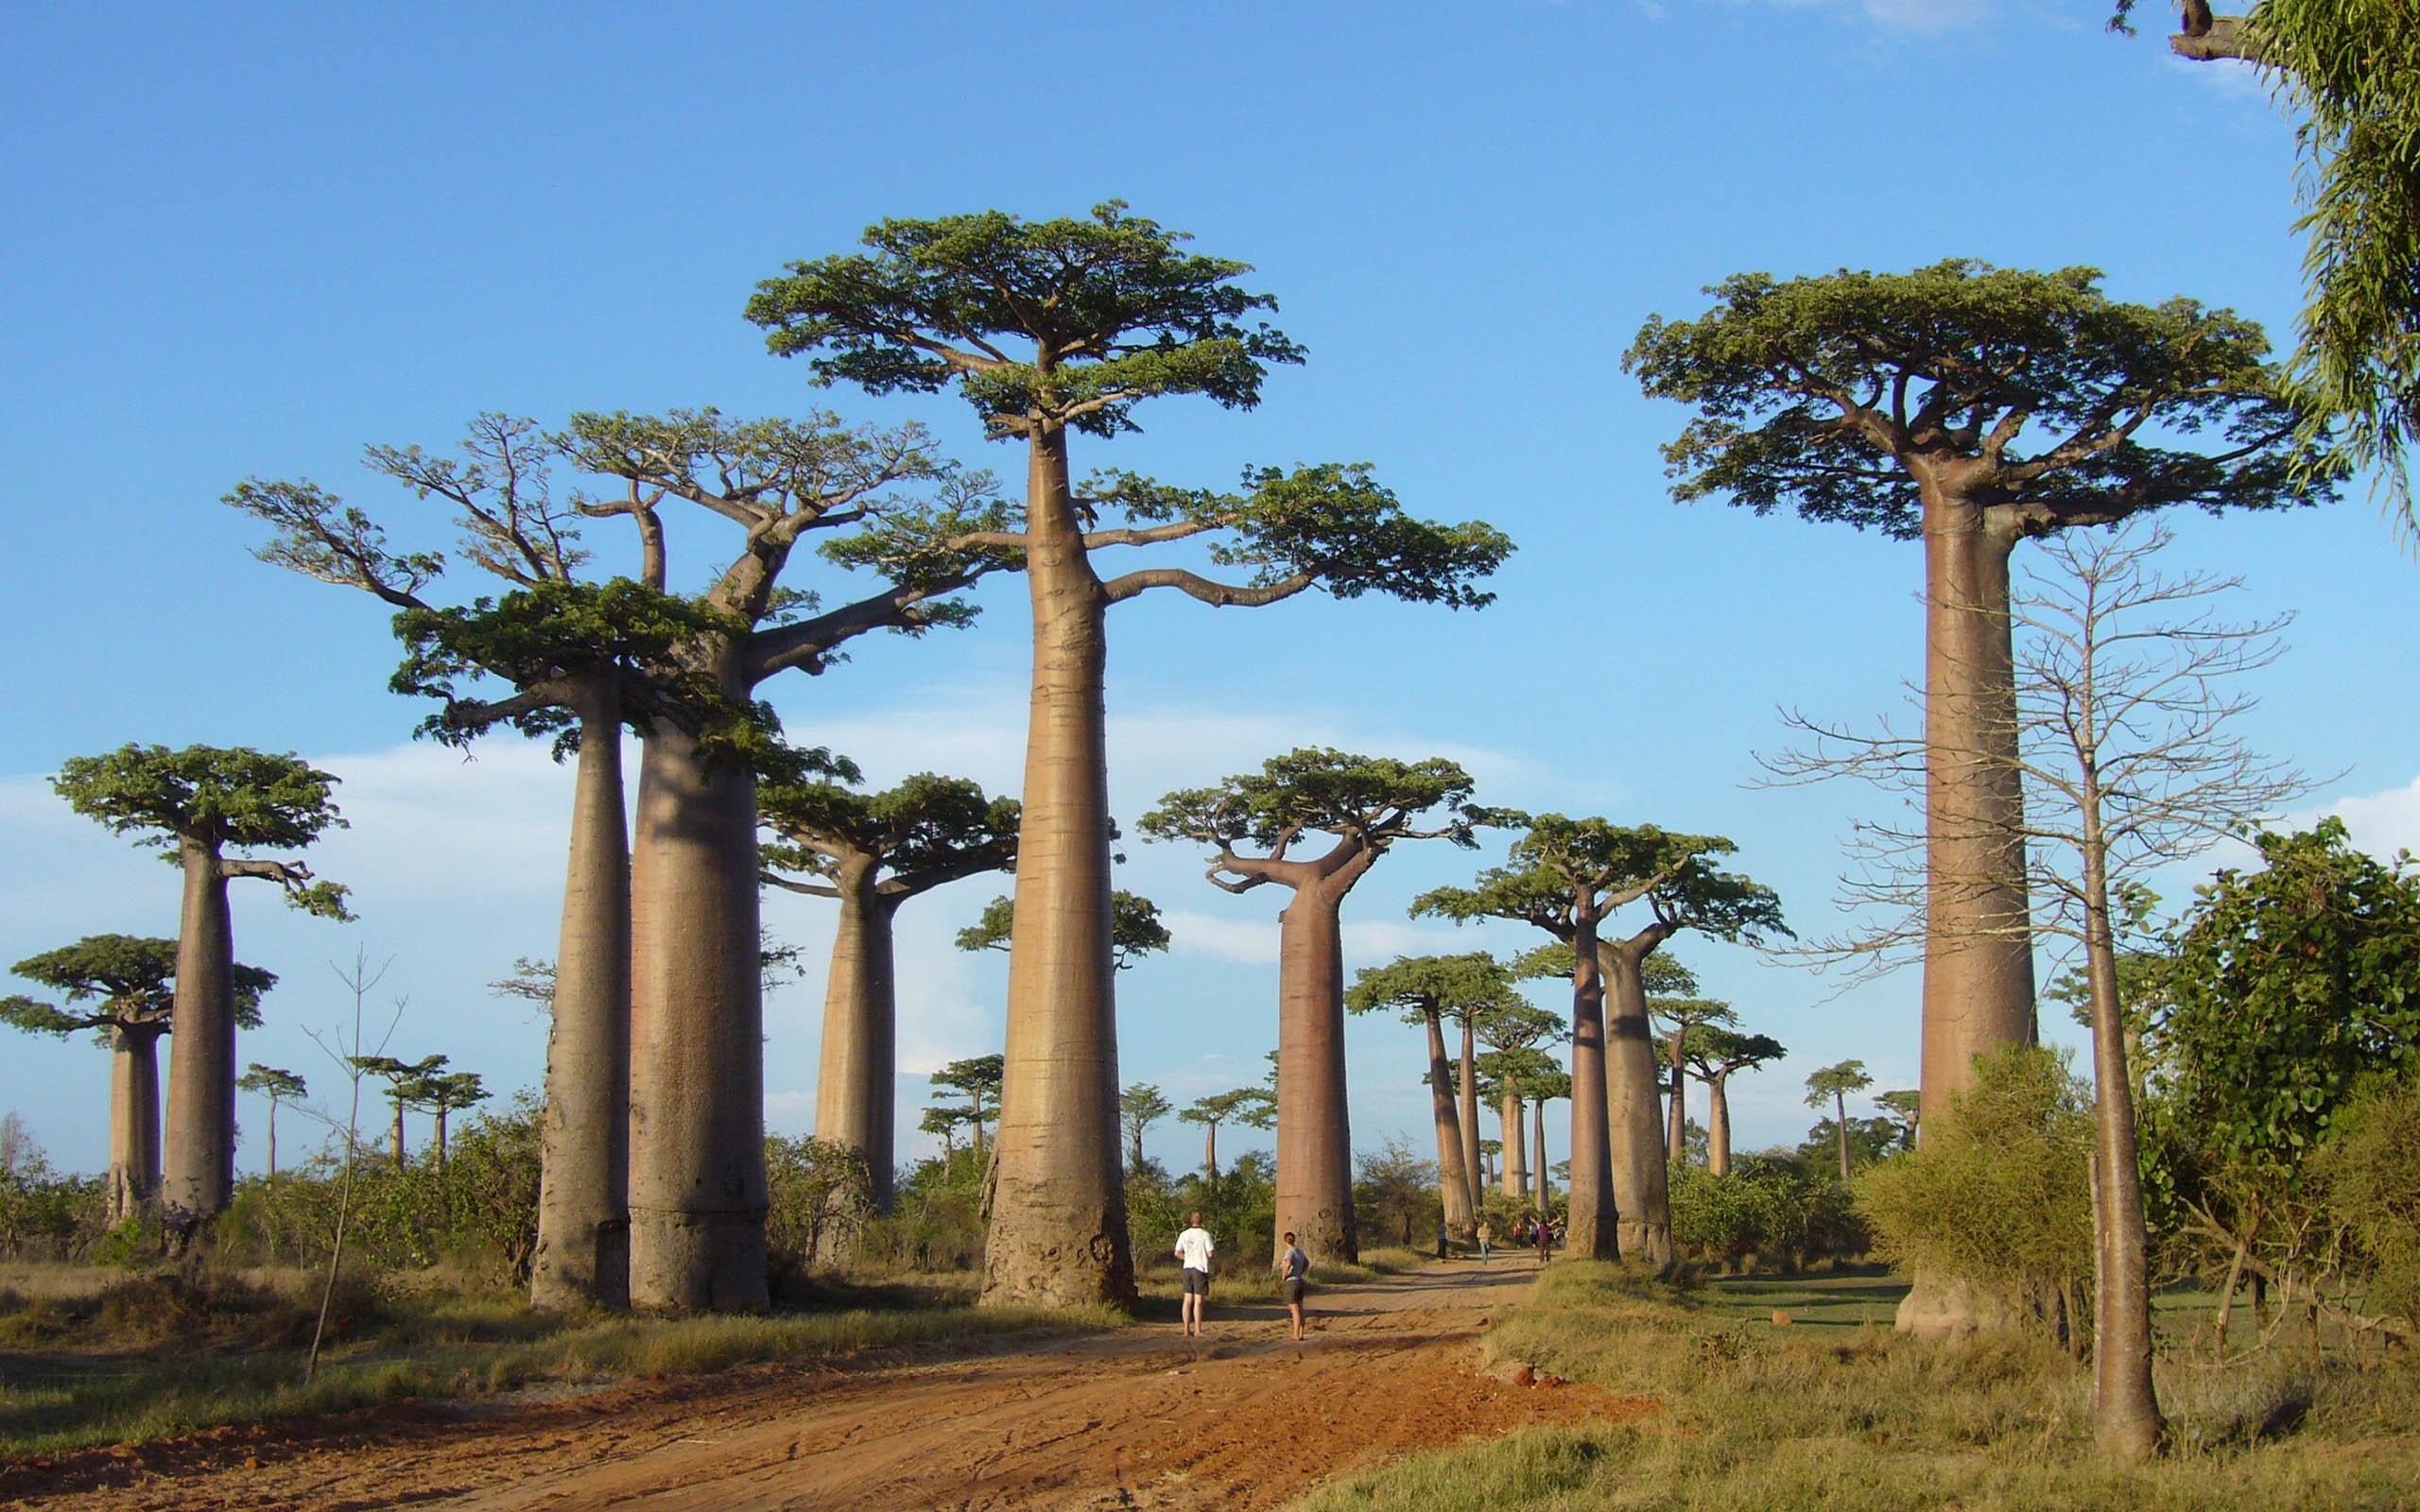 foresta-di-baobab-madagascar